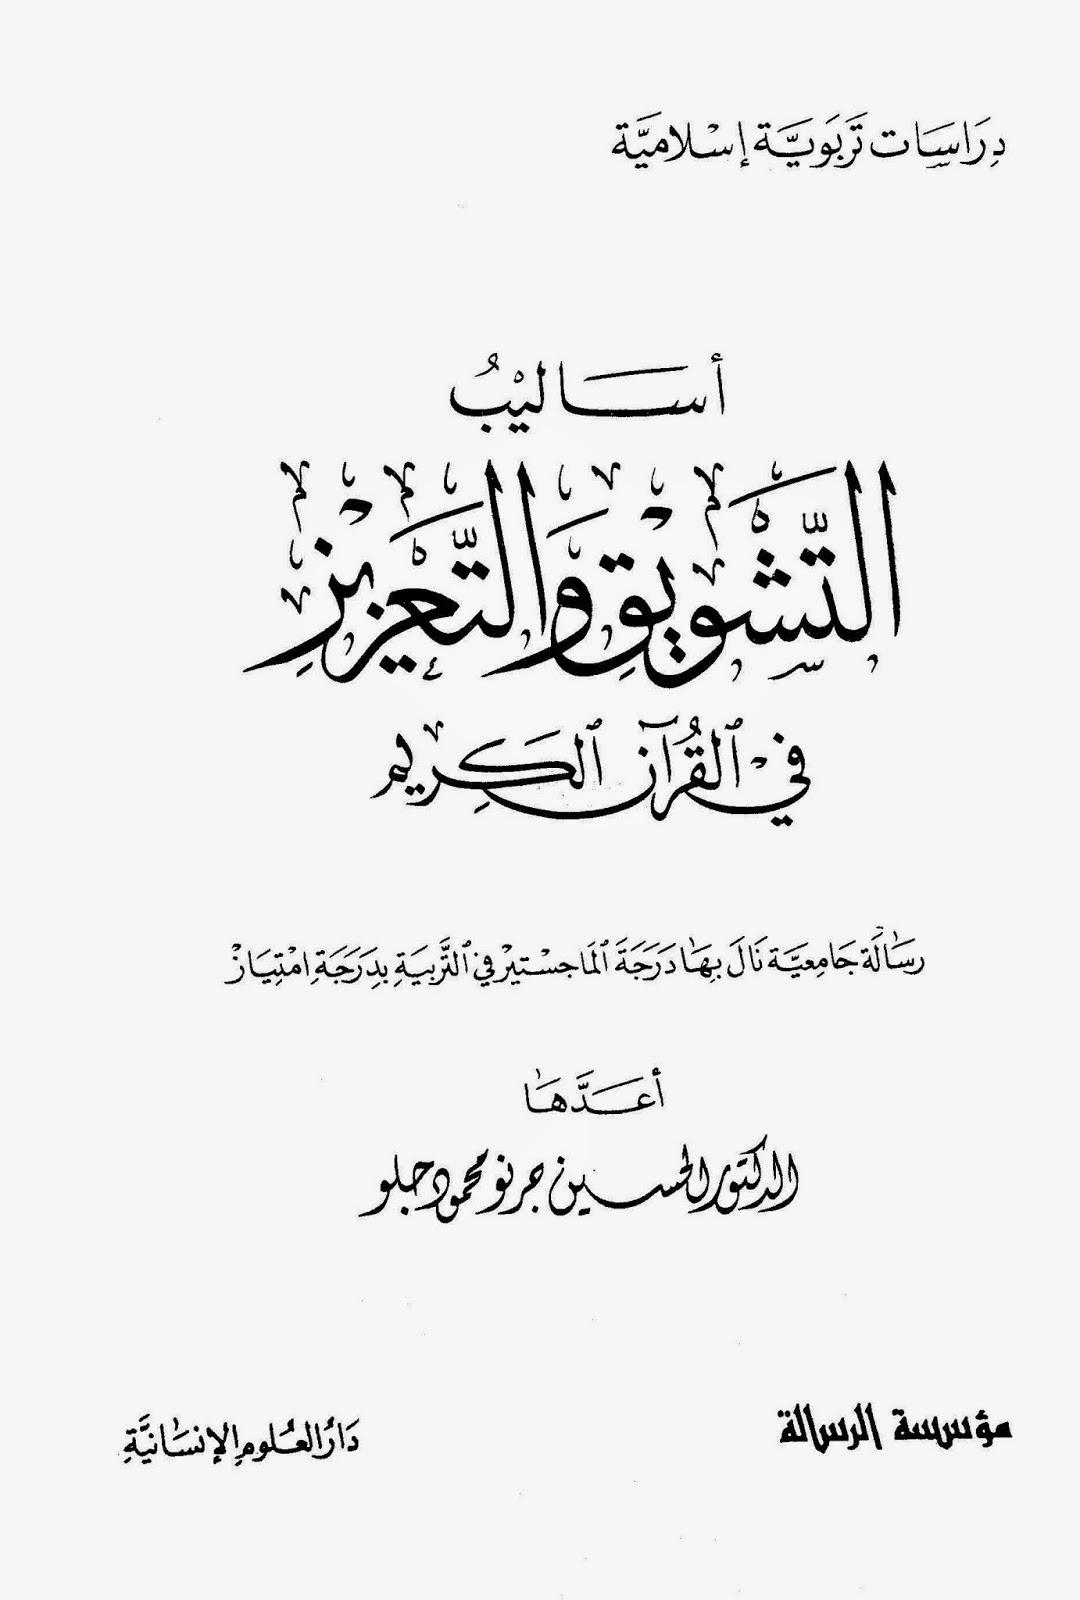 أساليب التشويق والتعزيز في القرآن الكريم - رسالة ماجستير pdf